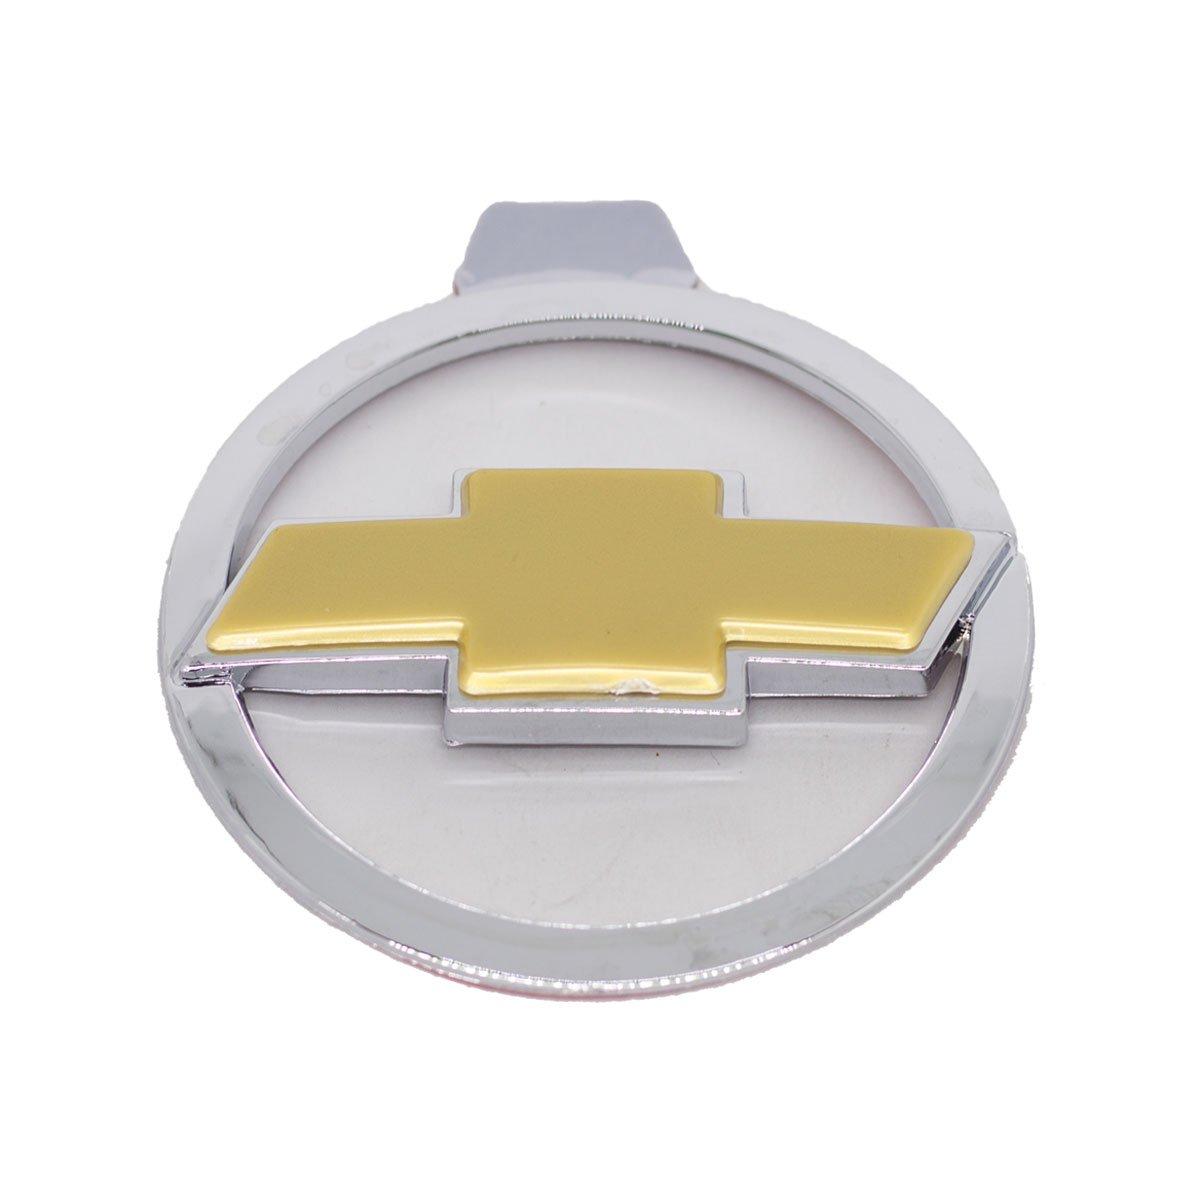 Emblema Porta Malas Celta 02/06 Dourado